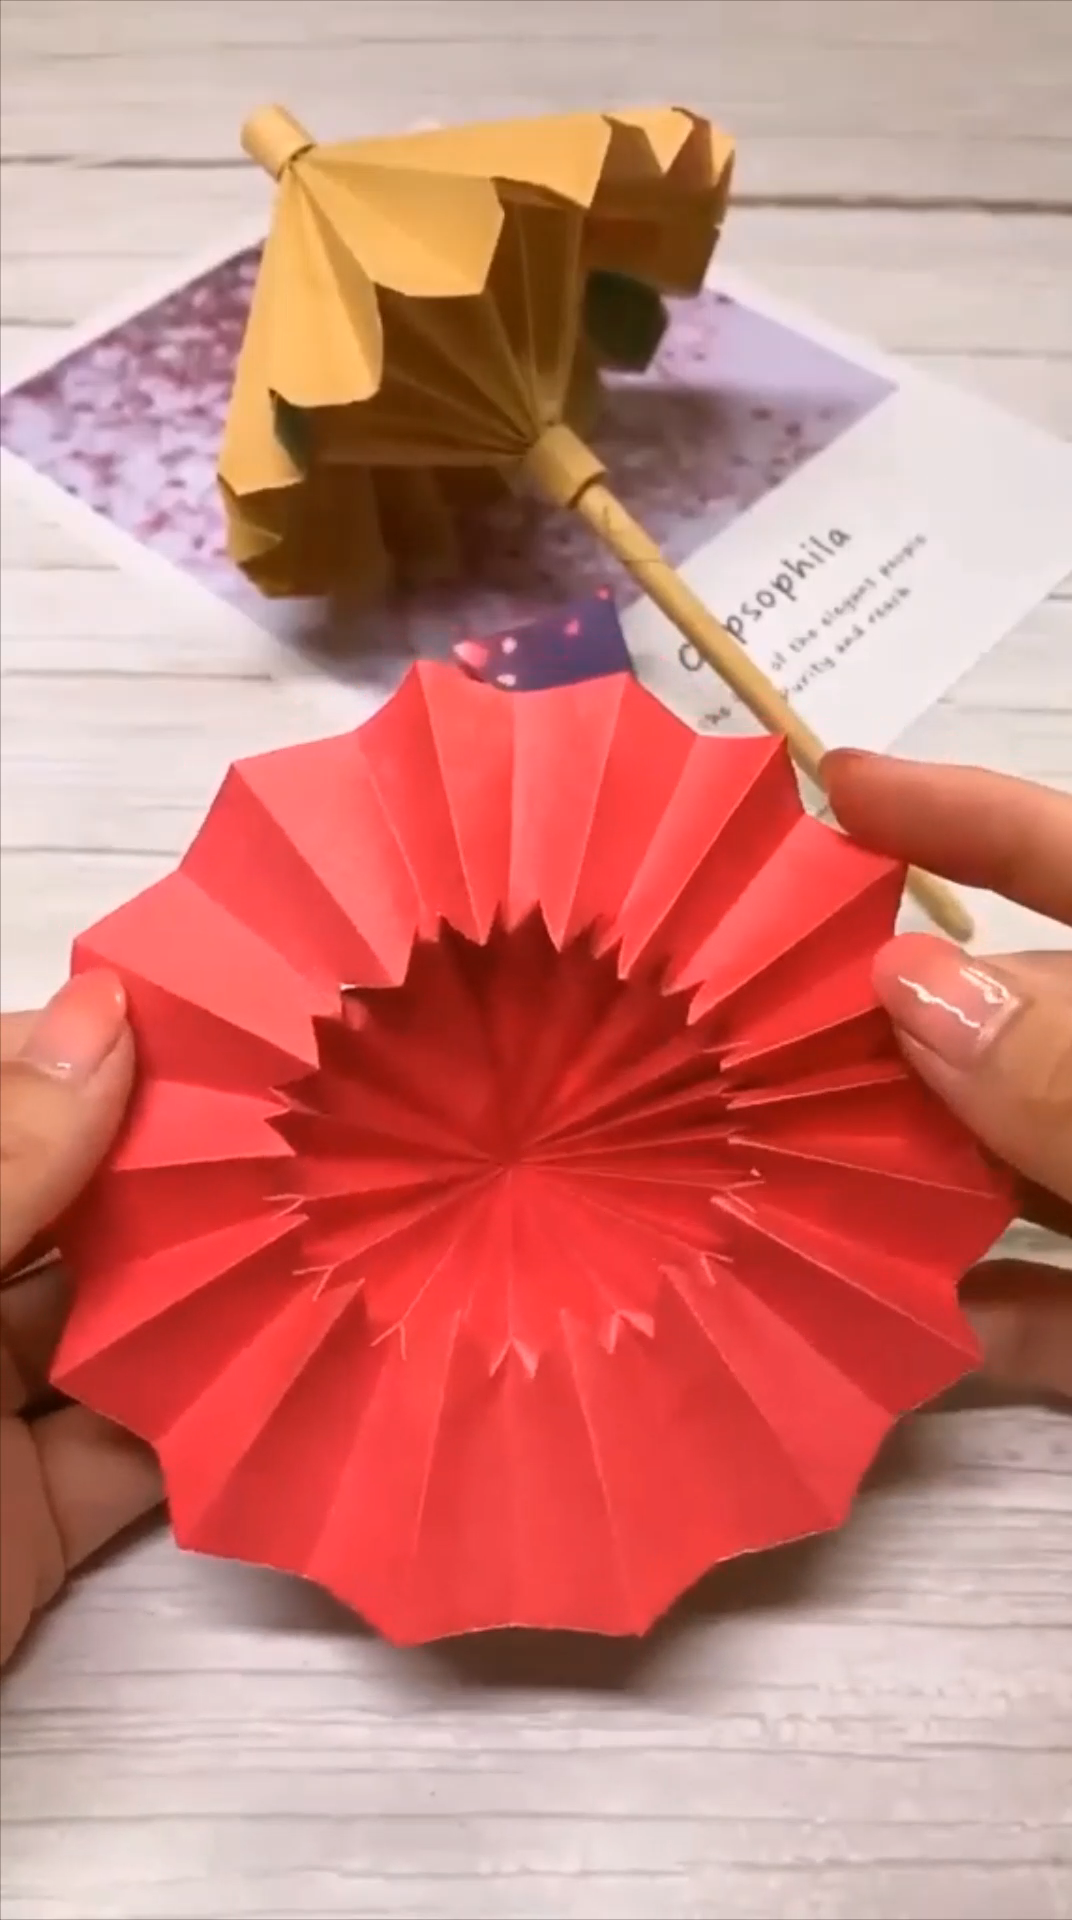 Mini Travel Umbrella #cuteumbrellas